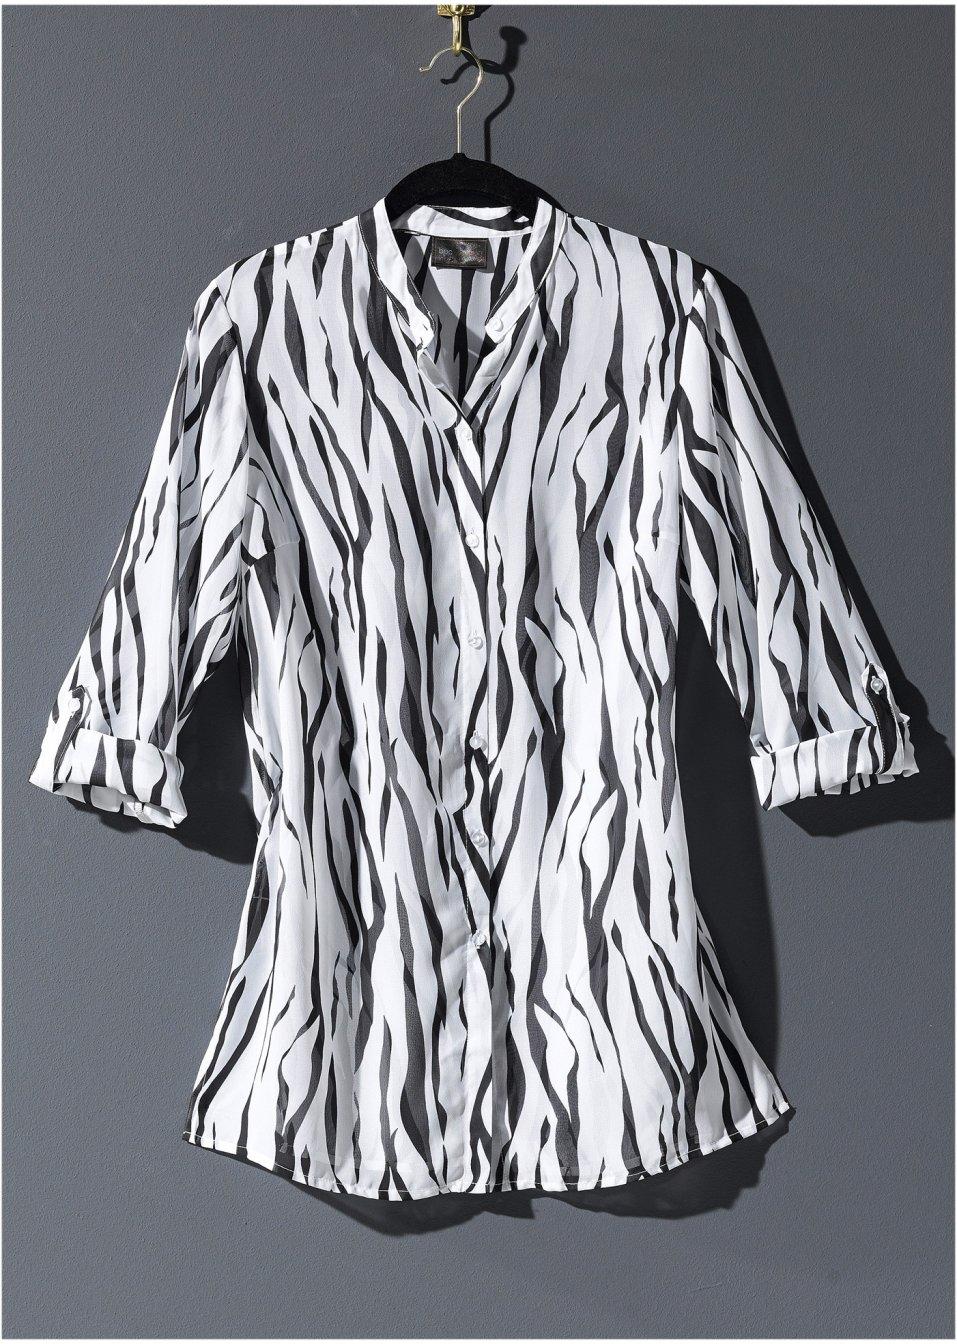 Mode Femme Vêtements DJLfdOFlkj Chemisier long en voile blanc/noir imprimé bpc selection commande online .fr